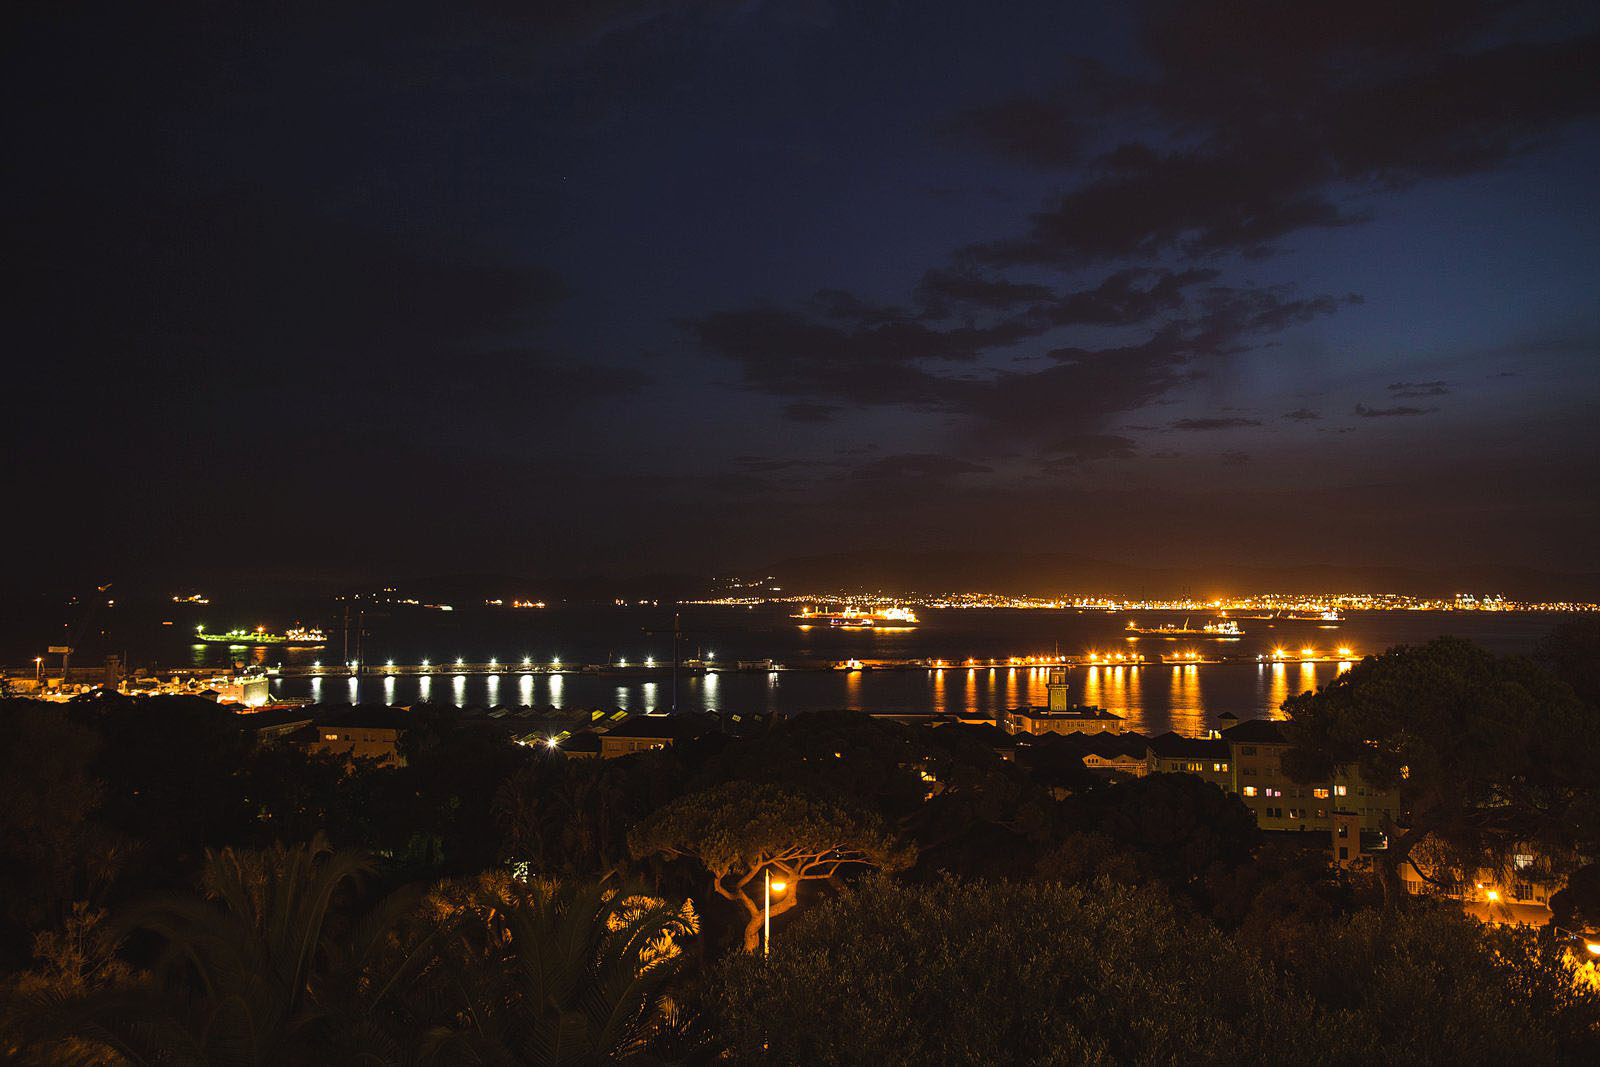 Spain at night